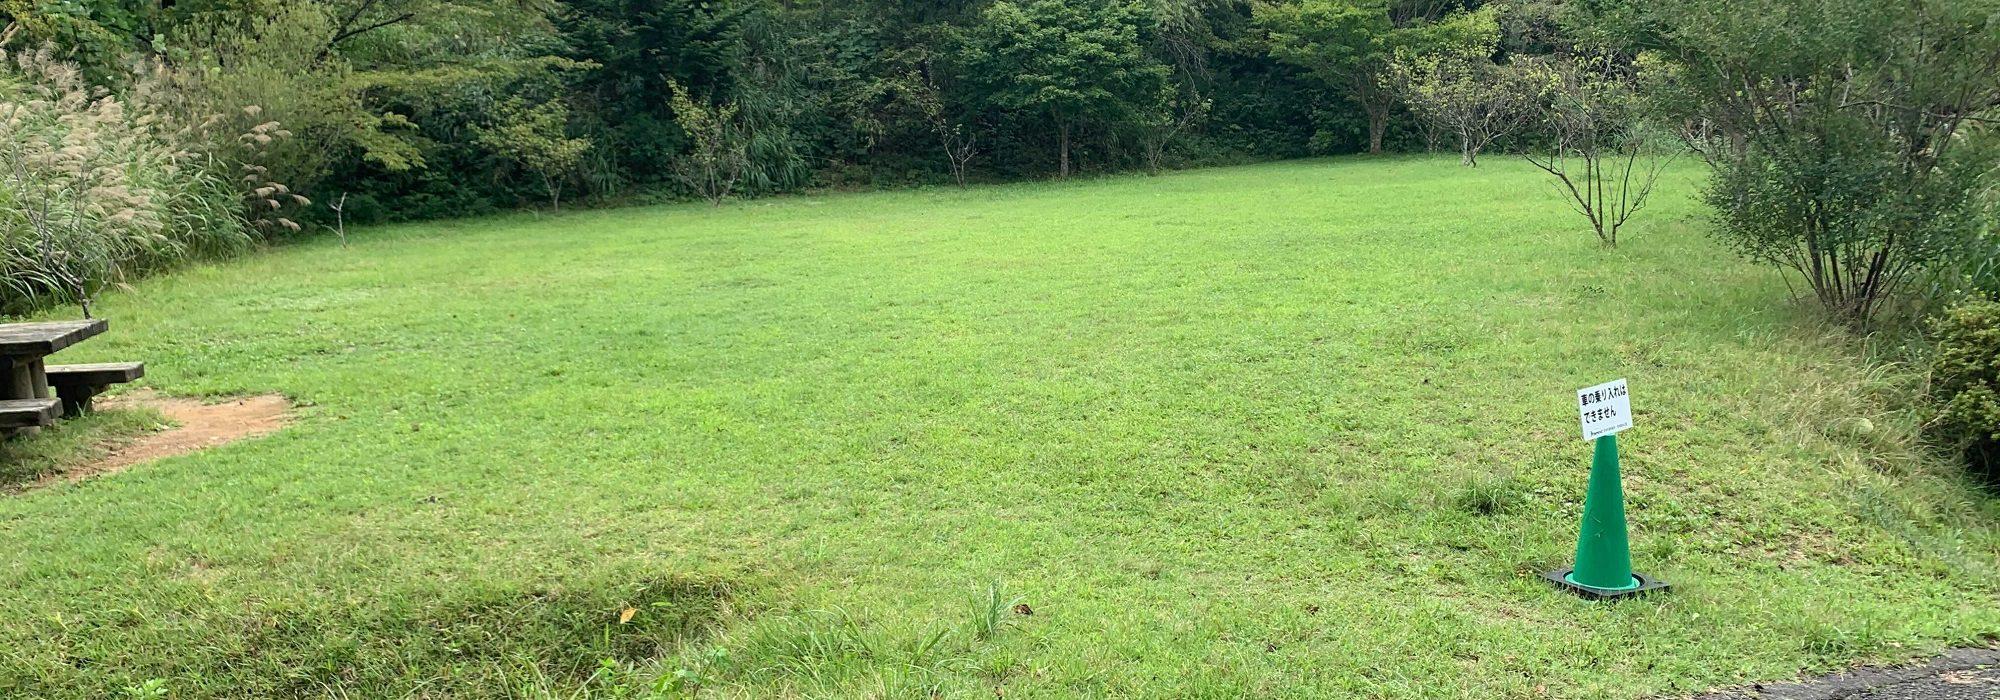 フリーサイトの芝生の管理は行き届いている